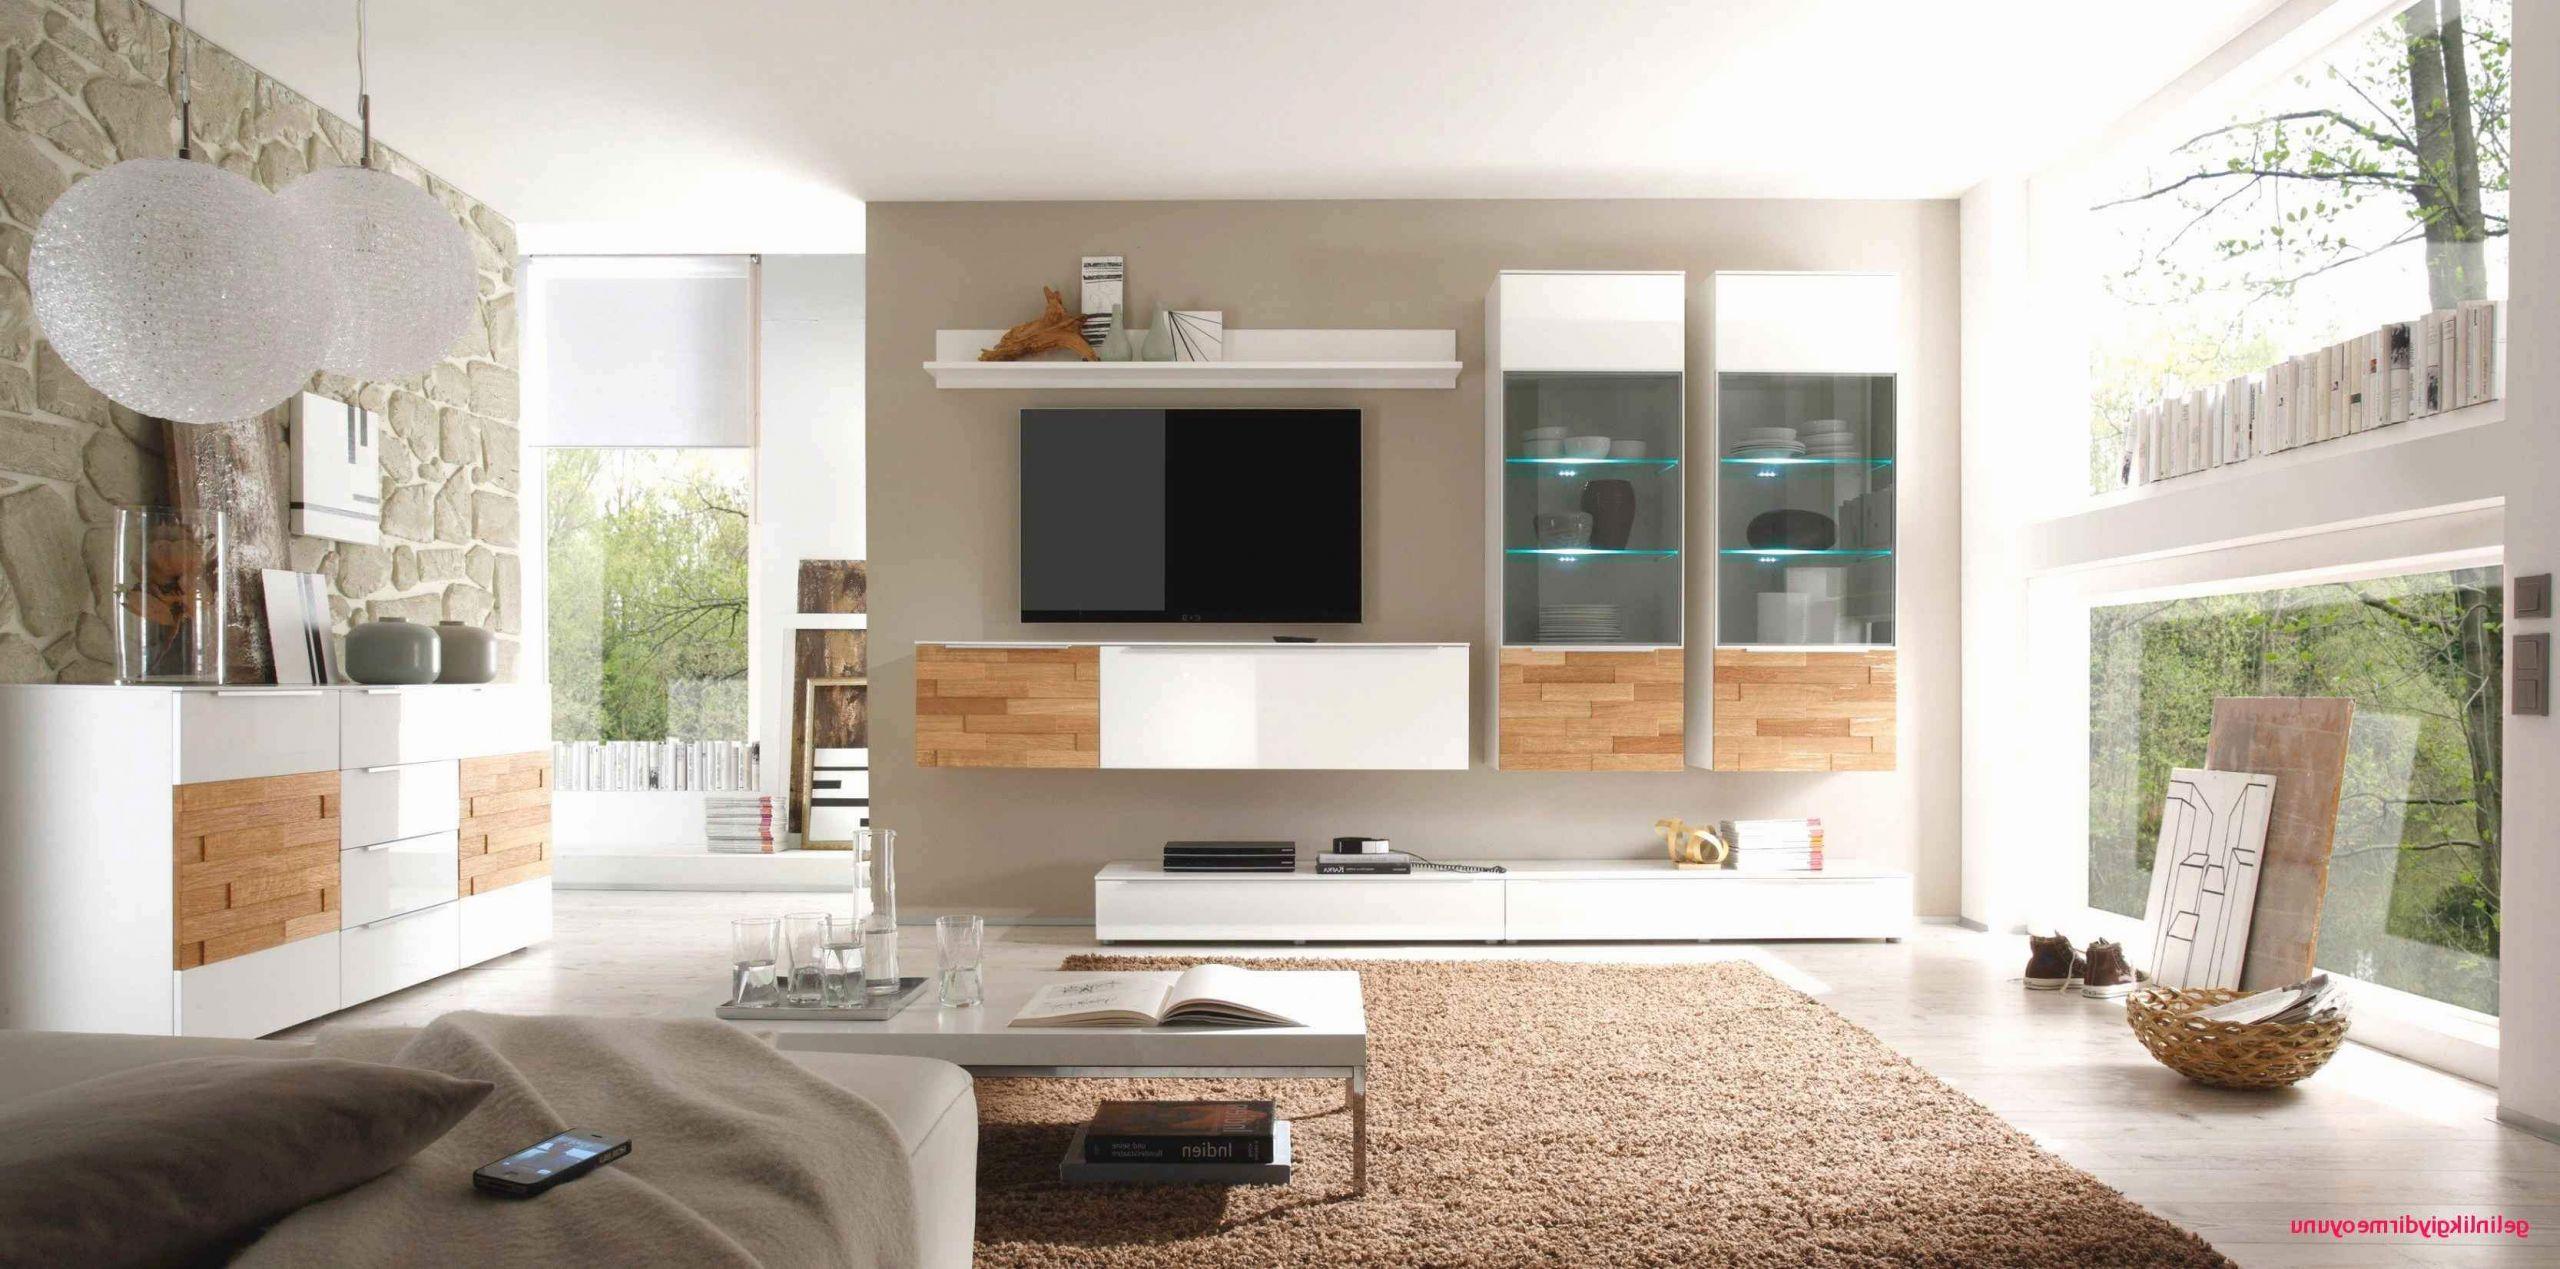 wanddeko wohnzimmer modern inspirierend 48 schon wanddeko wohnzimmer modern leroy merlin seche of wanddeko wohnzimmer modern